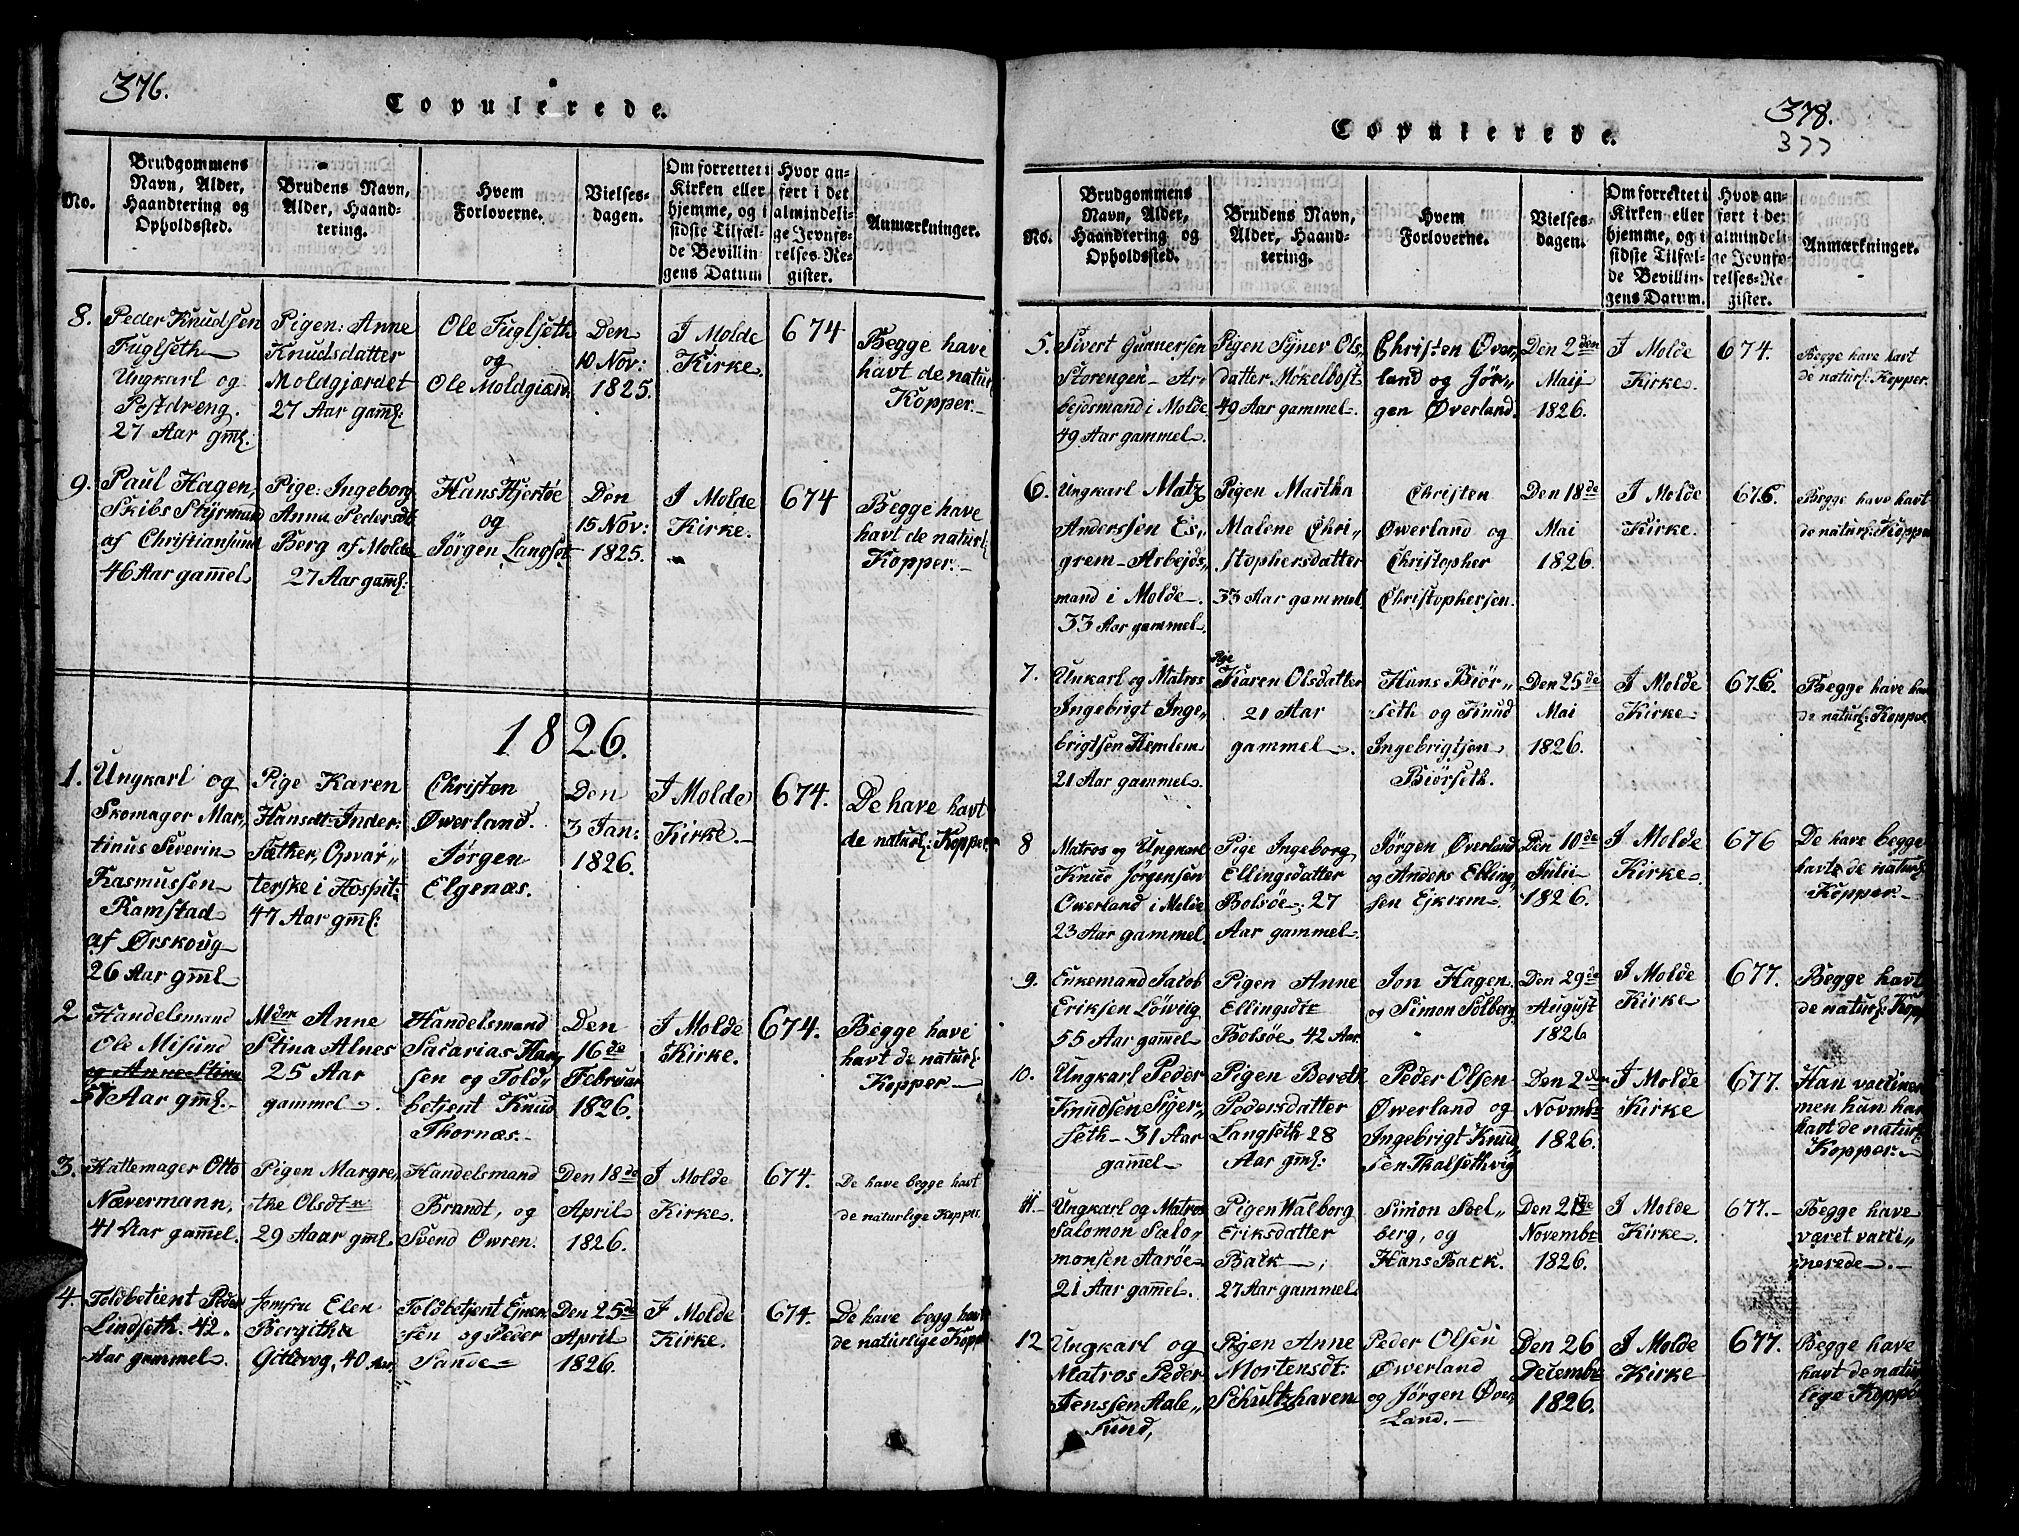 SAT, Ministerialprotokoller, klokkerbøker og fødselsregistre - Møre og Romsdal, 558/L0700: Klokkerbok nr. 558C01, 1818-1868, s. 376-377